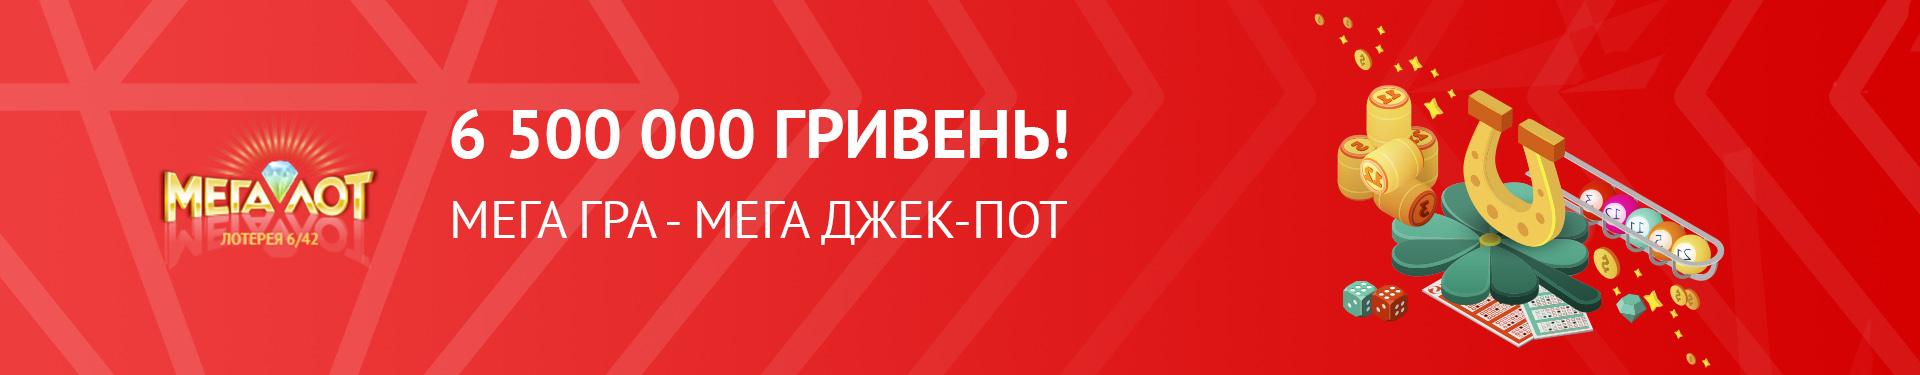 http://msl.ua/